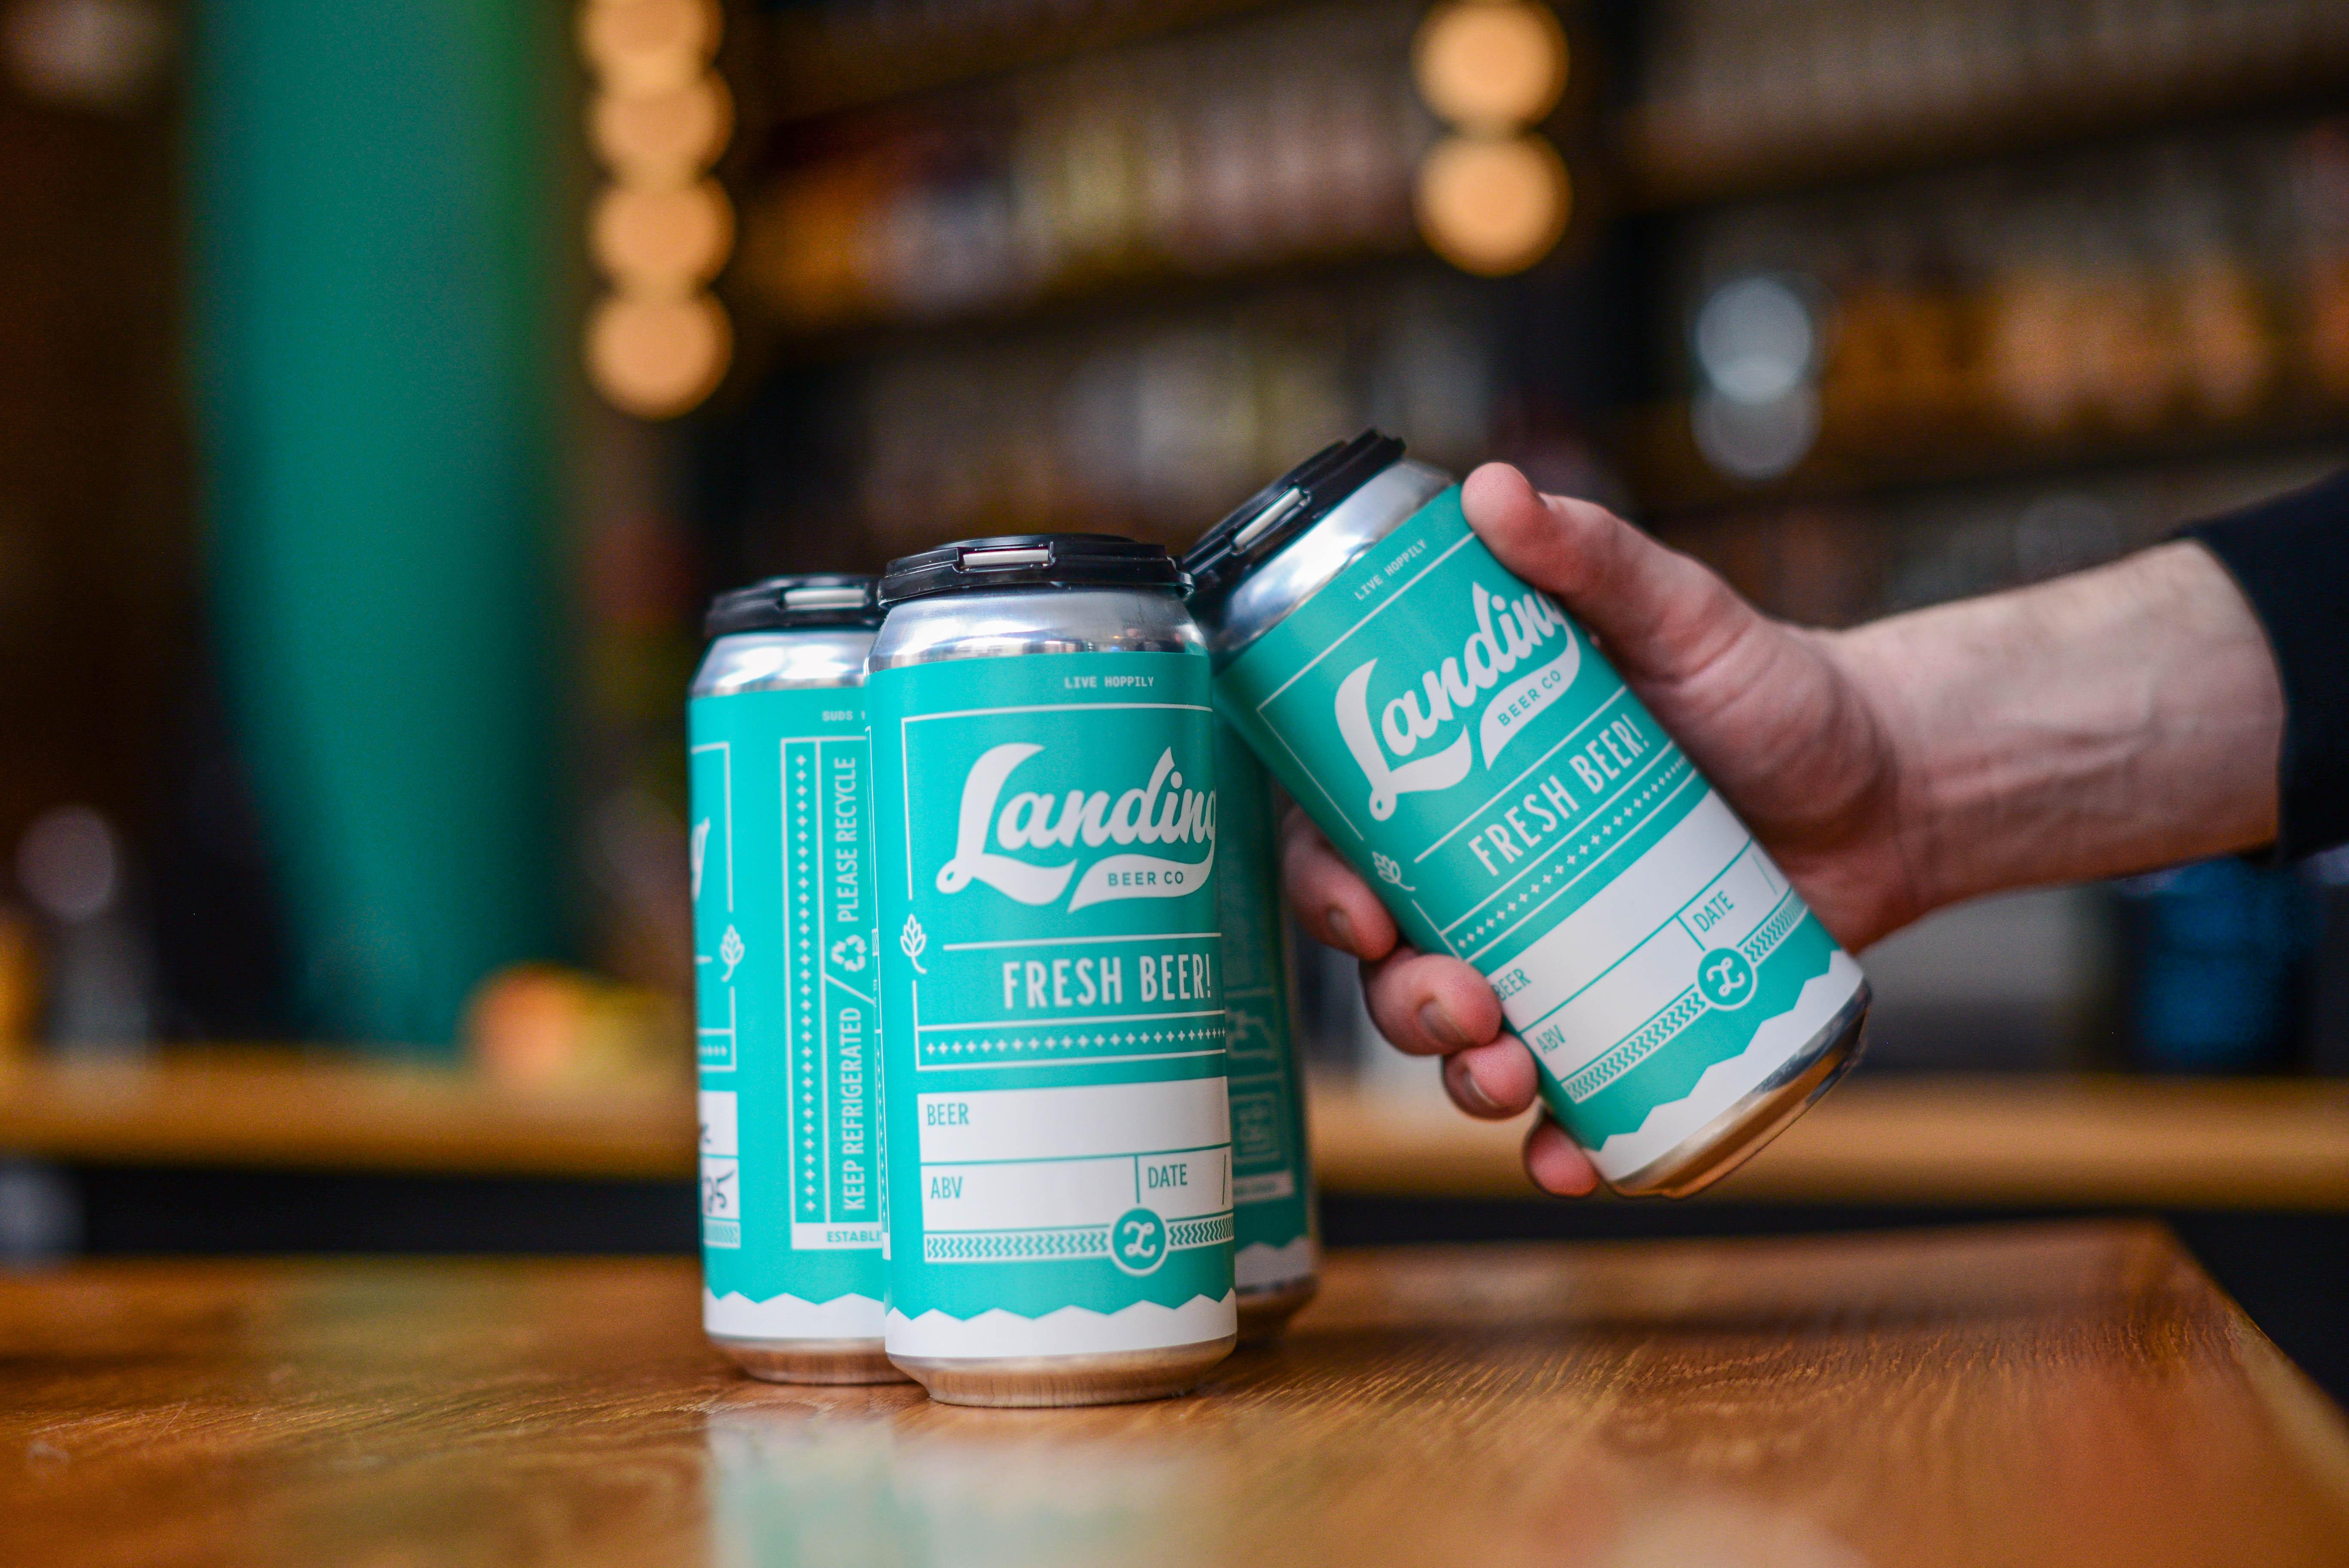 Landing Beer 4-pack